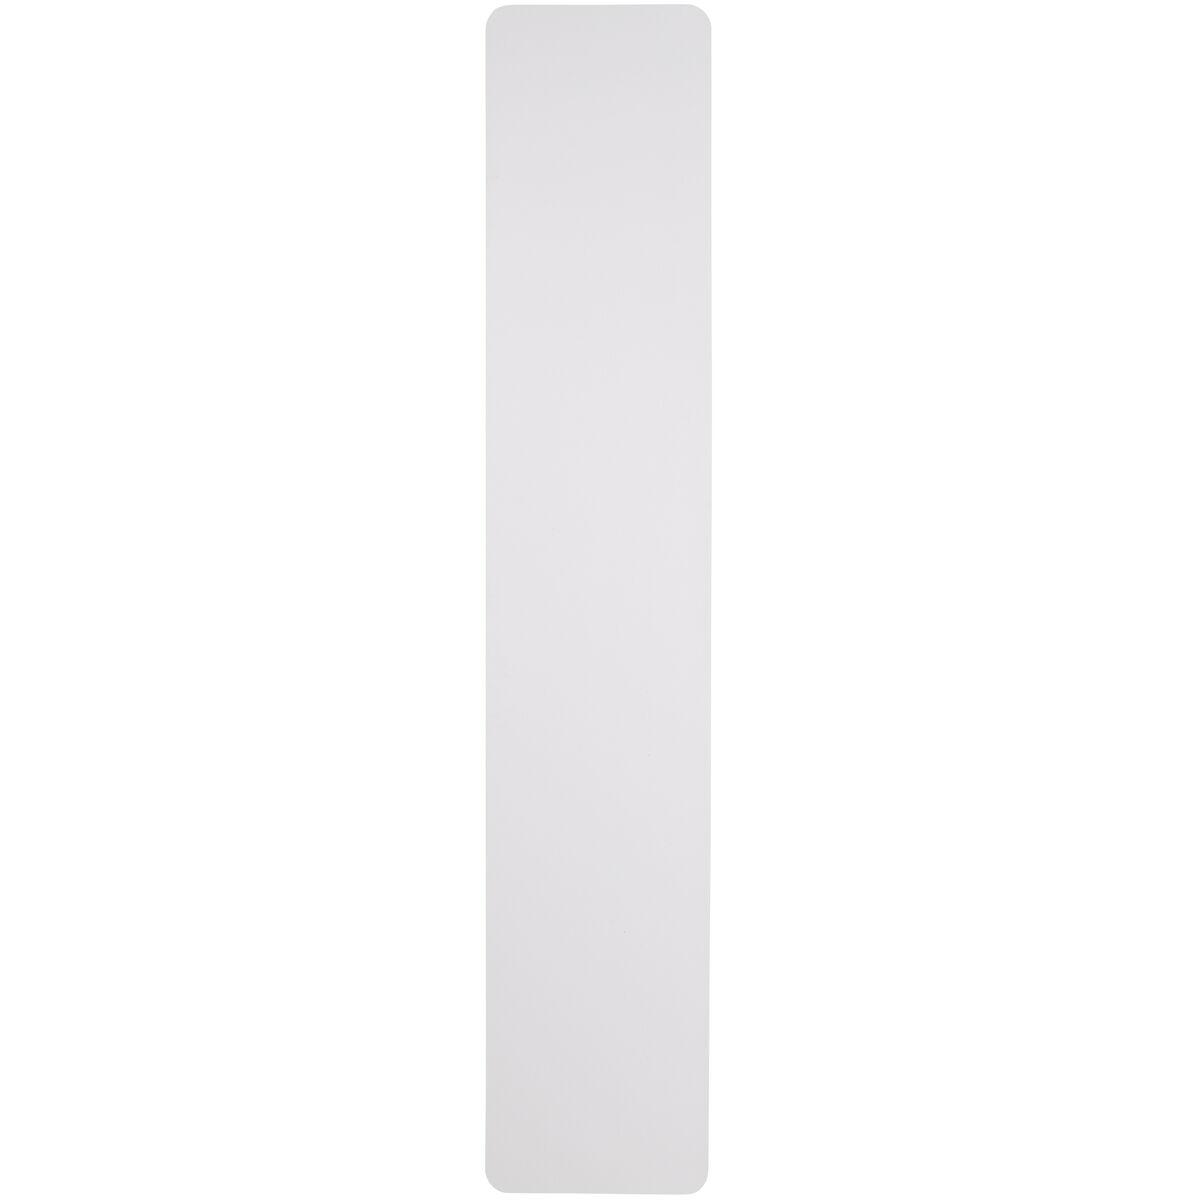 18x96 White Fold Train Table Dad Ycz 244 2 Gw Gg